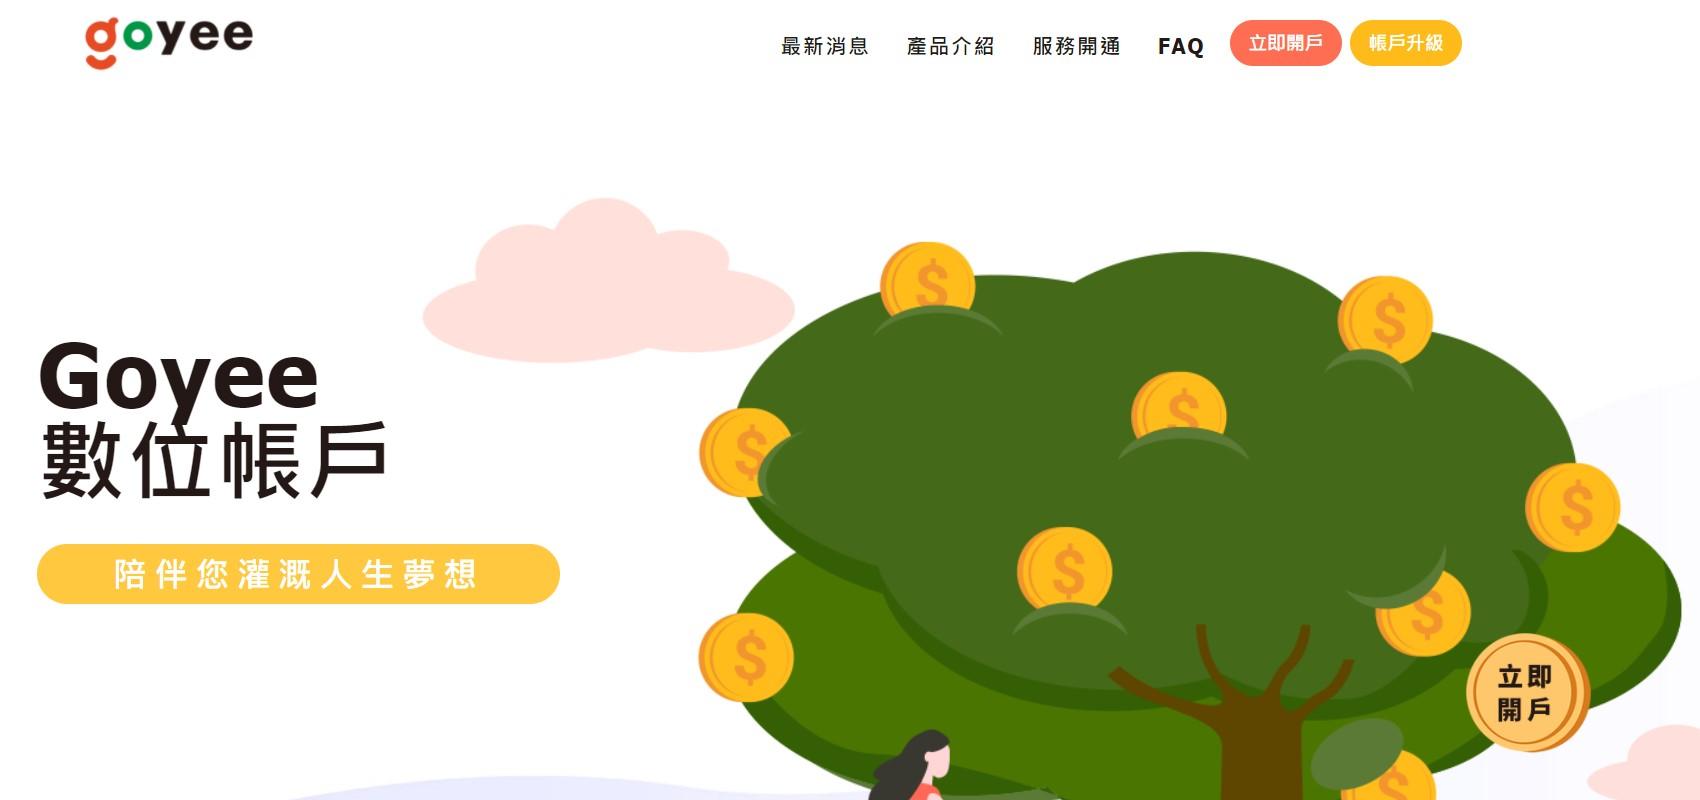 goyee數位帳戶 給你不多也不少的數位金融體驗 1